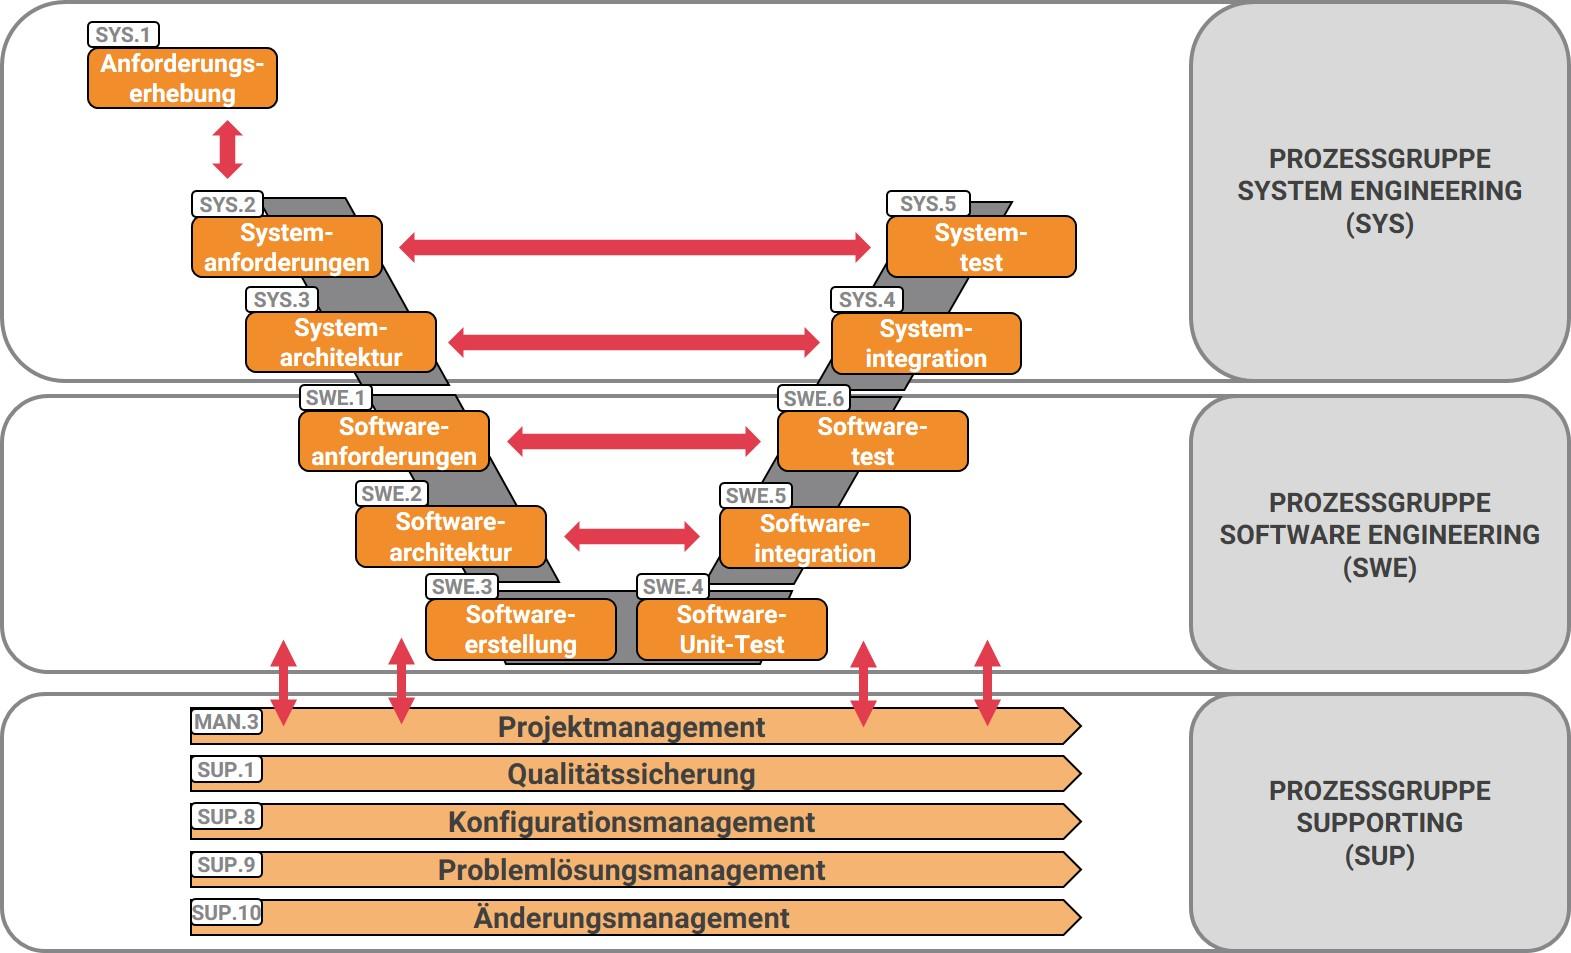 Beratung_Prozesse_Automotive_SPICE_Loesch_und_Partner_GmbH_Muenchen_2020